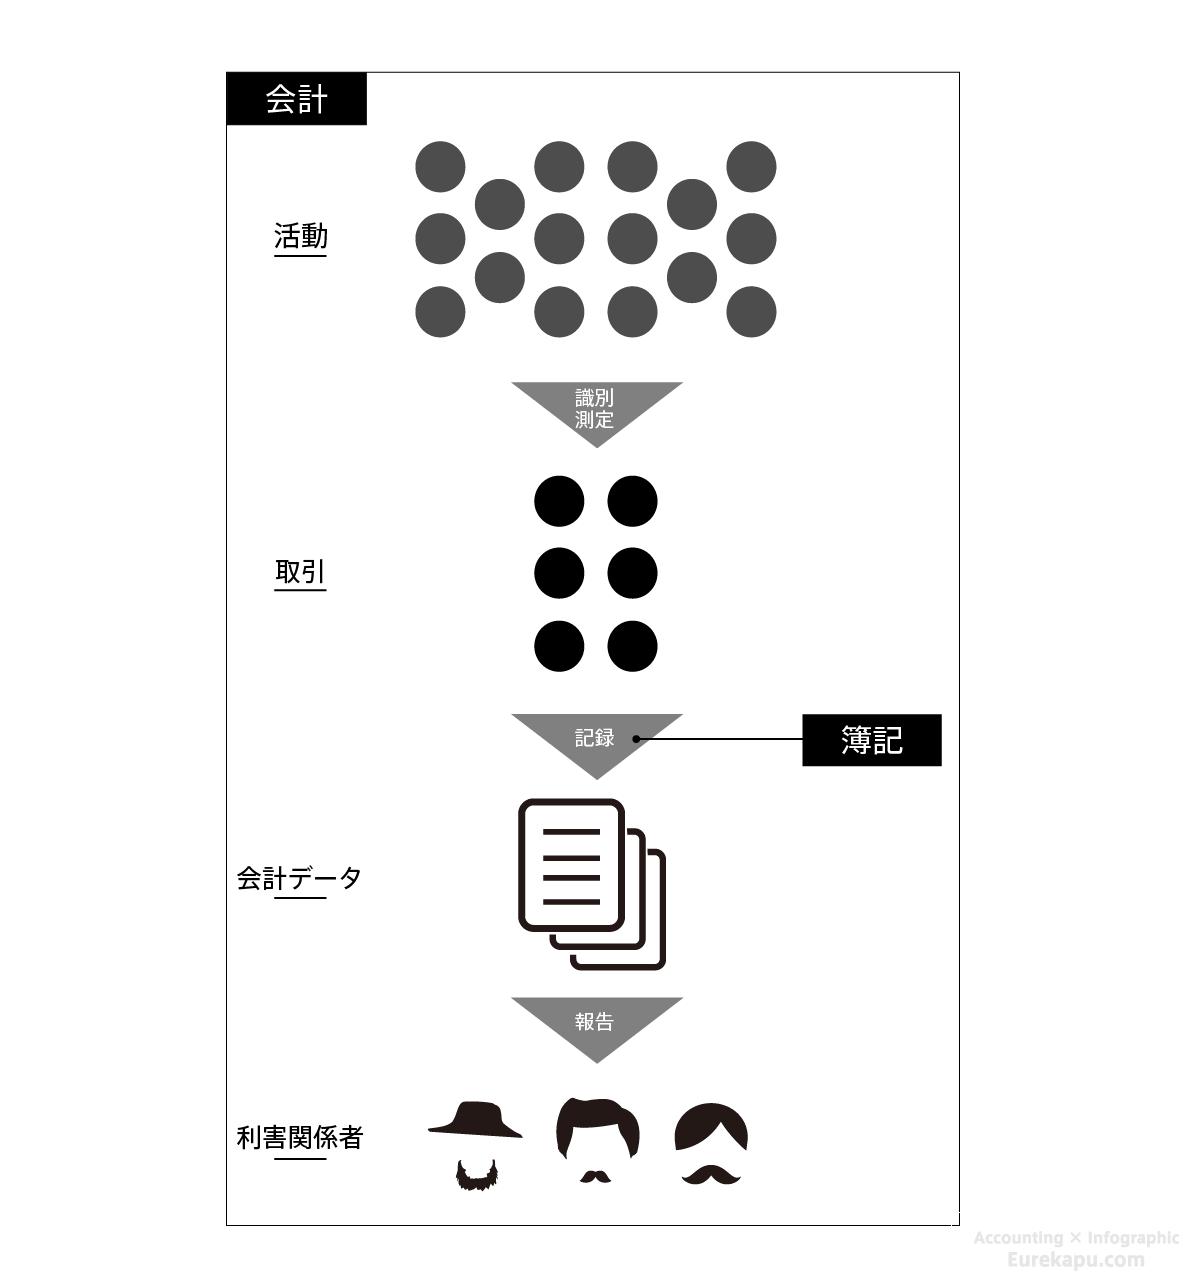 活動を説明した図です